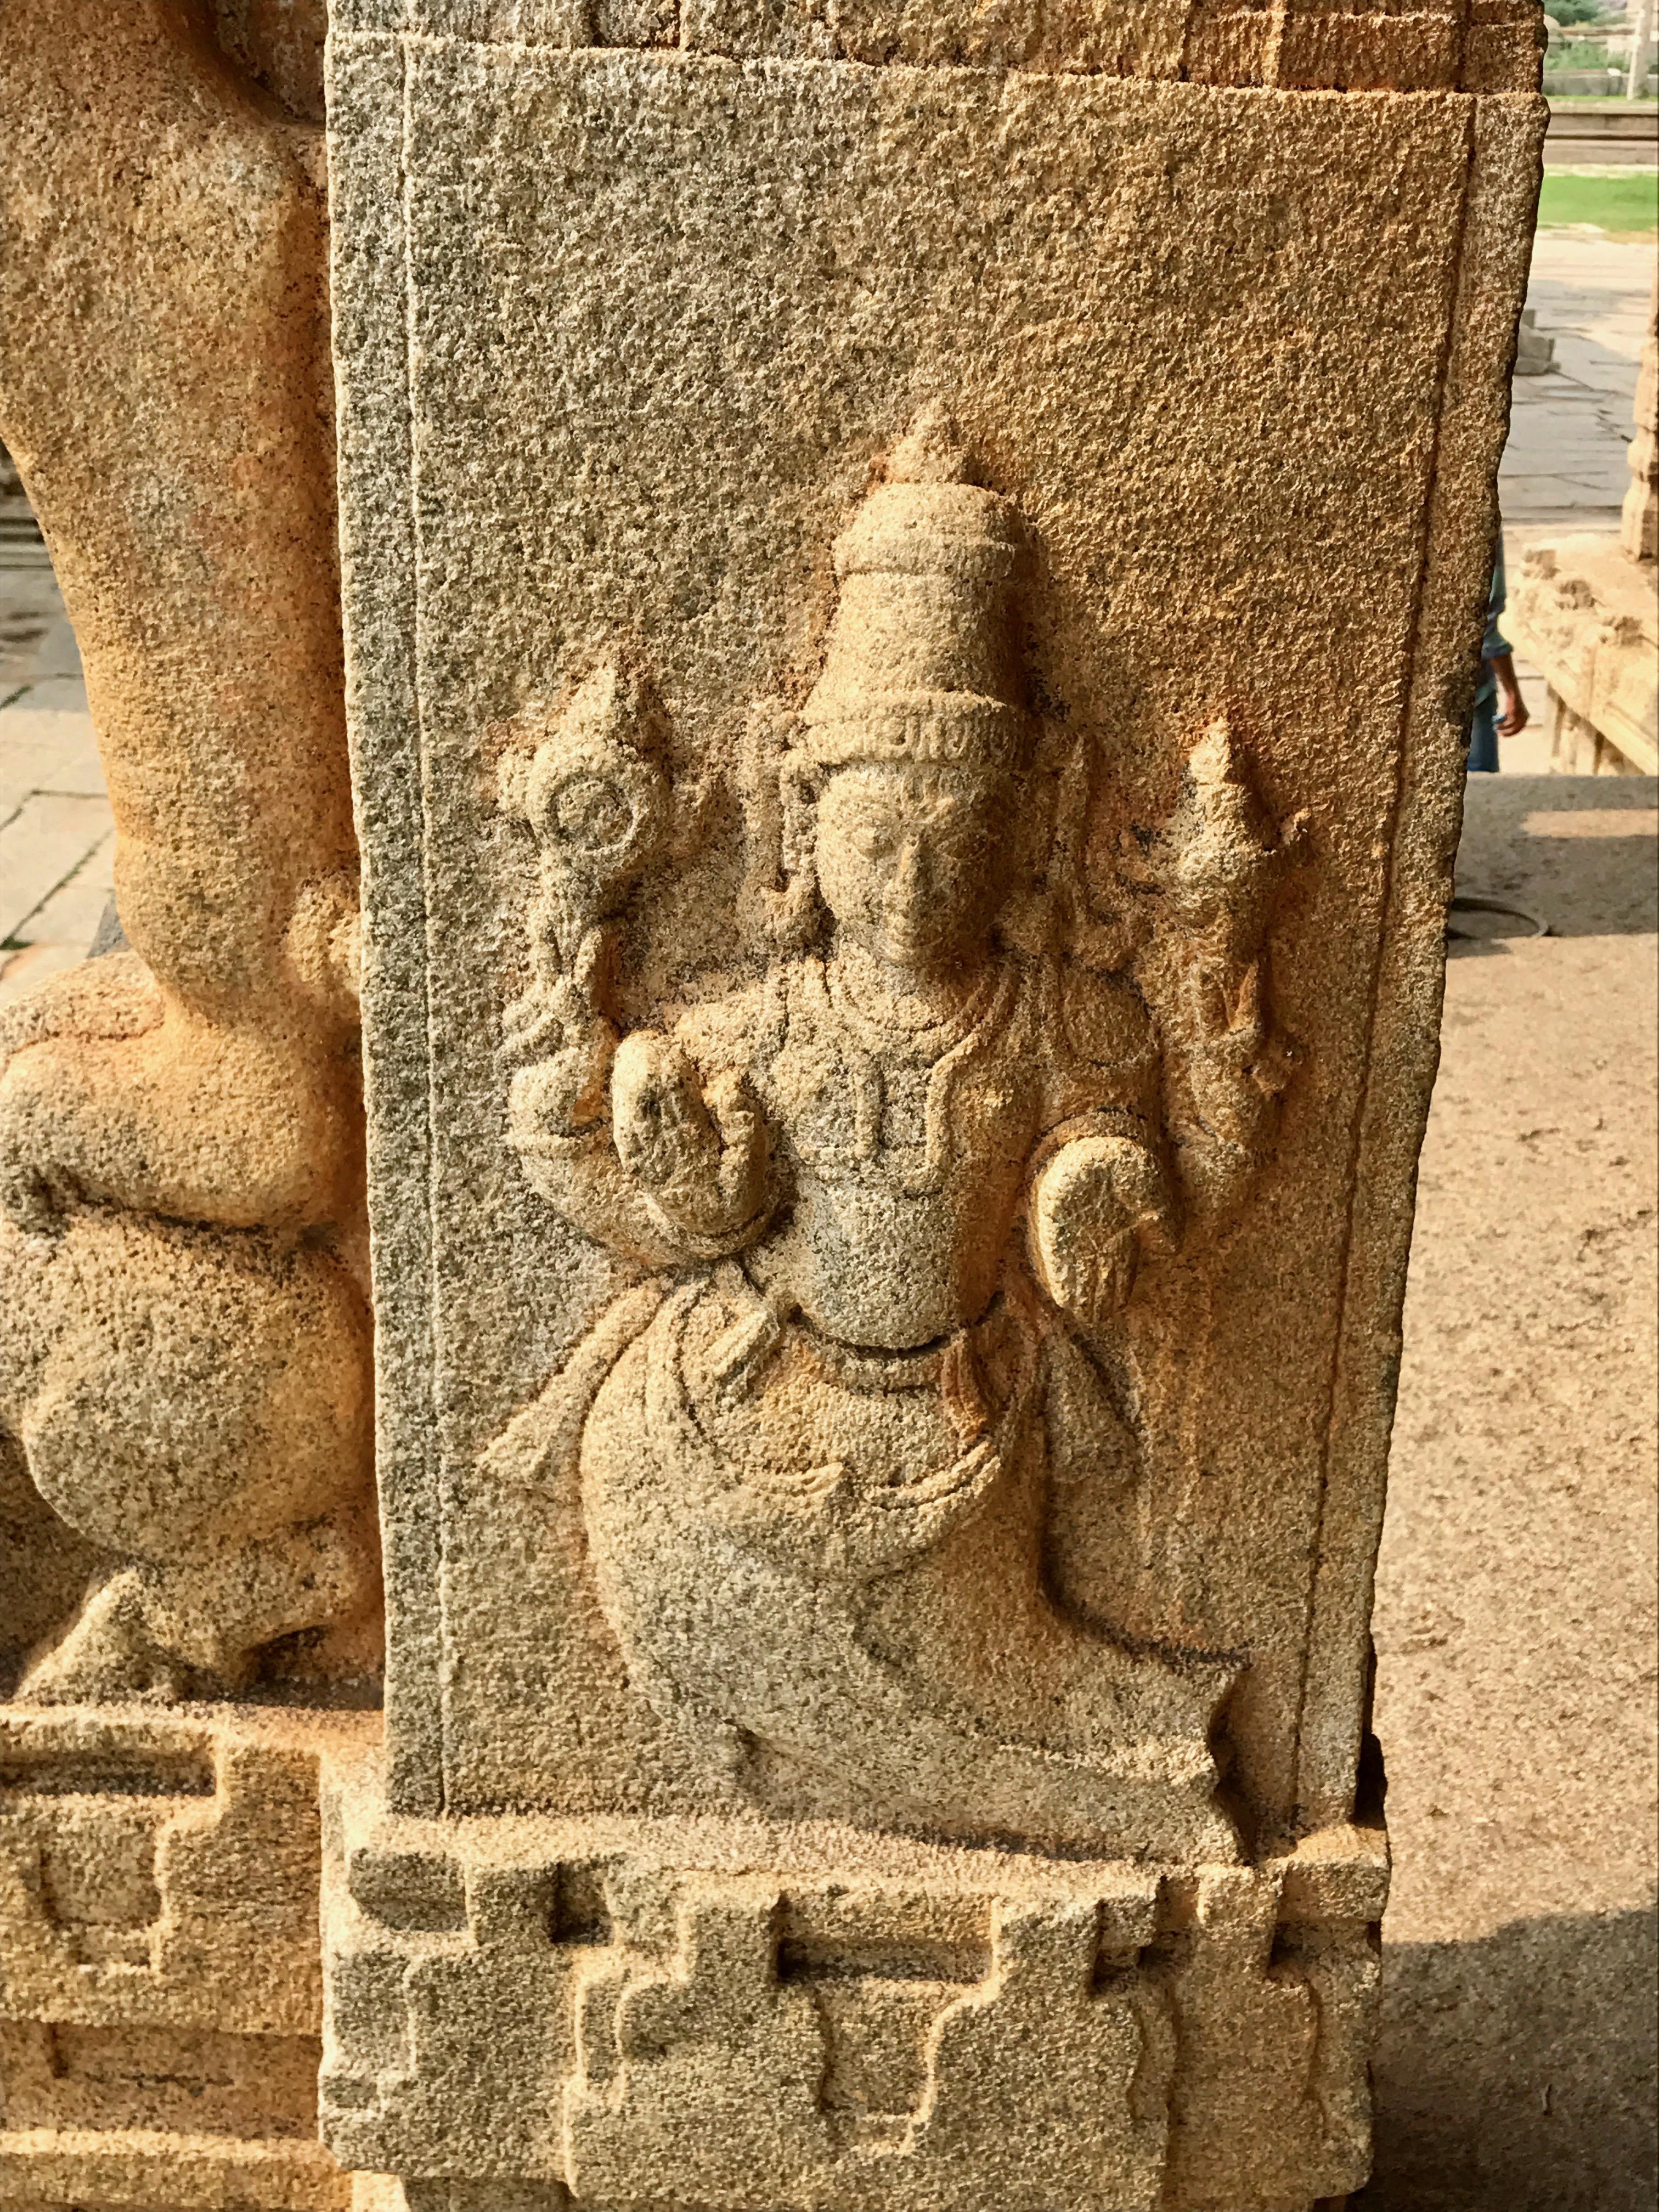 15th-16th_century_Vaishnavism_Vitthala_temple_Matsya_avatar%2C_Hampi_Hindu_monuments_Karnataka.jpg